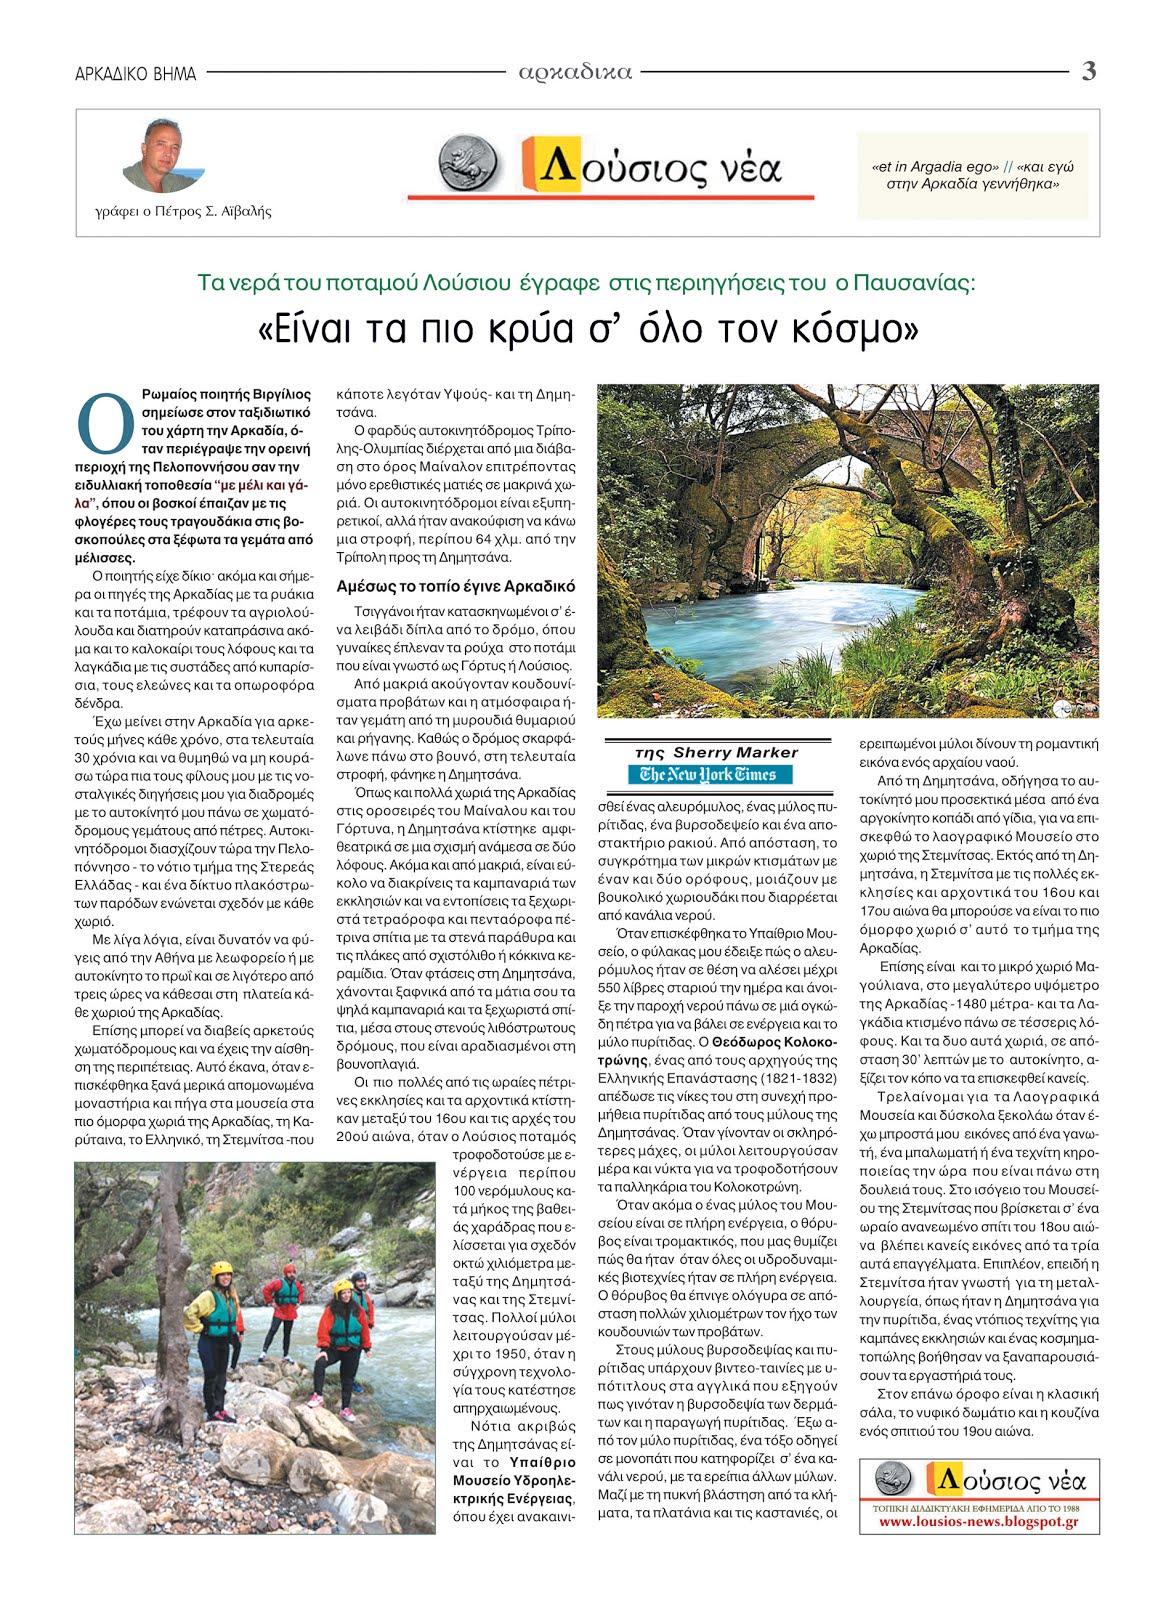 """""""Λούσιος Νέα"""": """"Τα νερά του ποταμού Λούσιου είναι τα πιο κρύα σ' όλο τον κόσμο"""""""